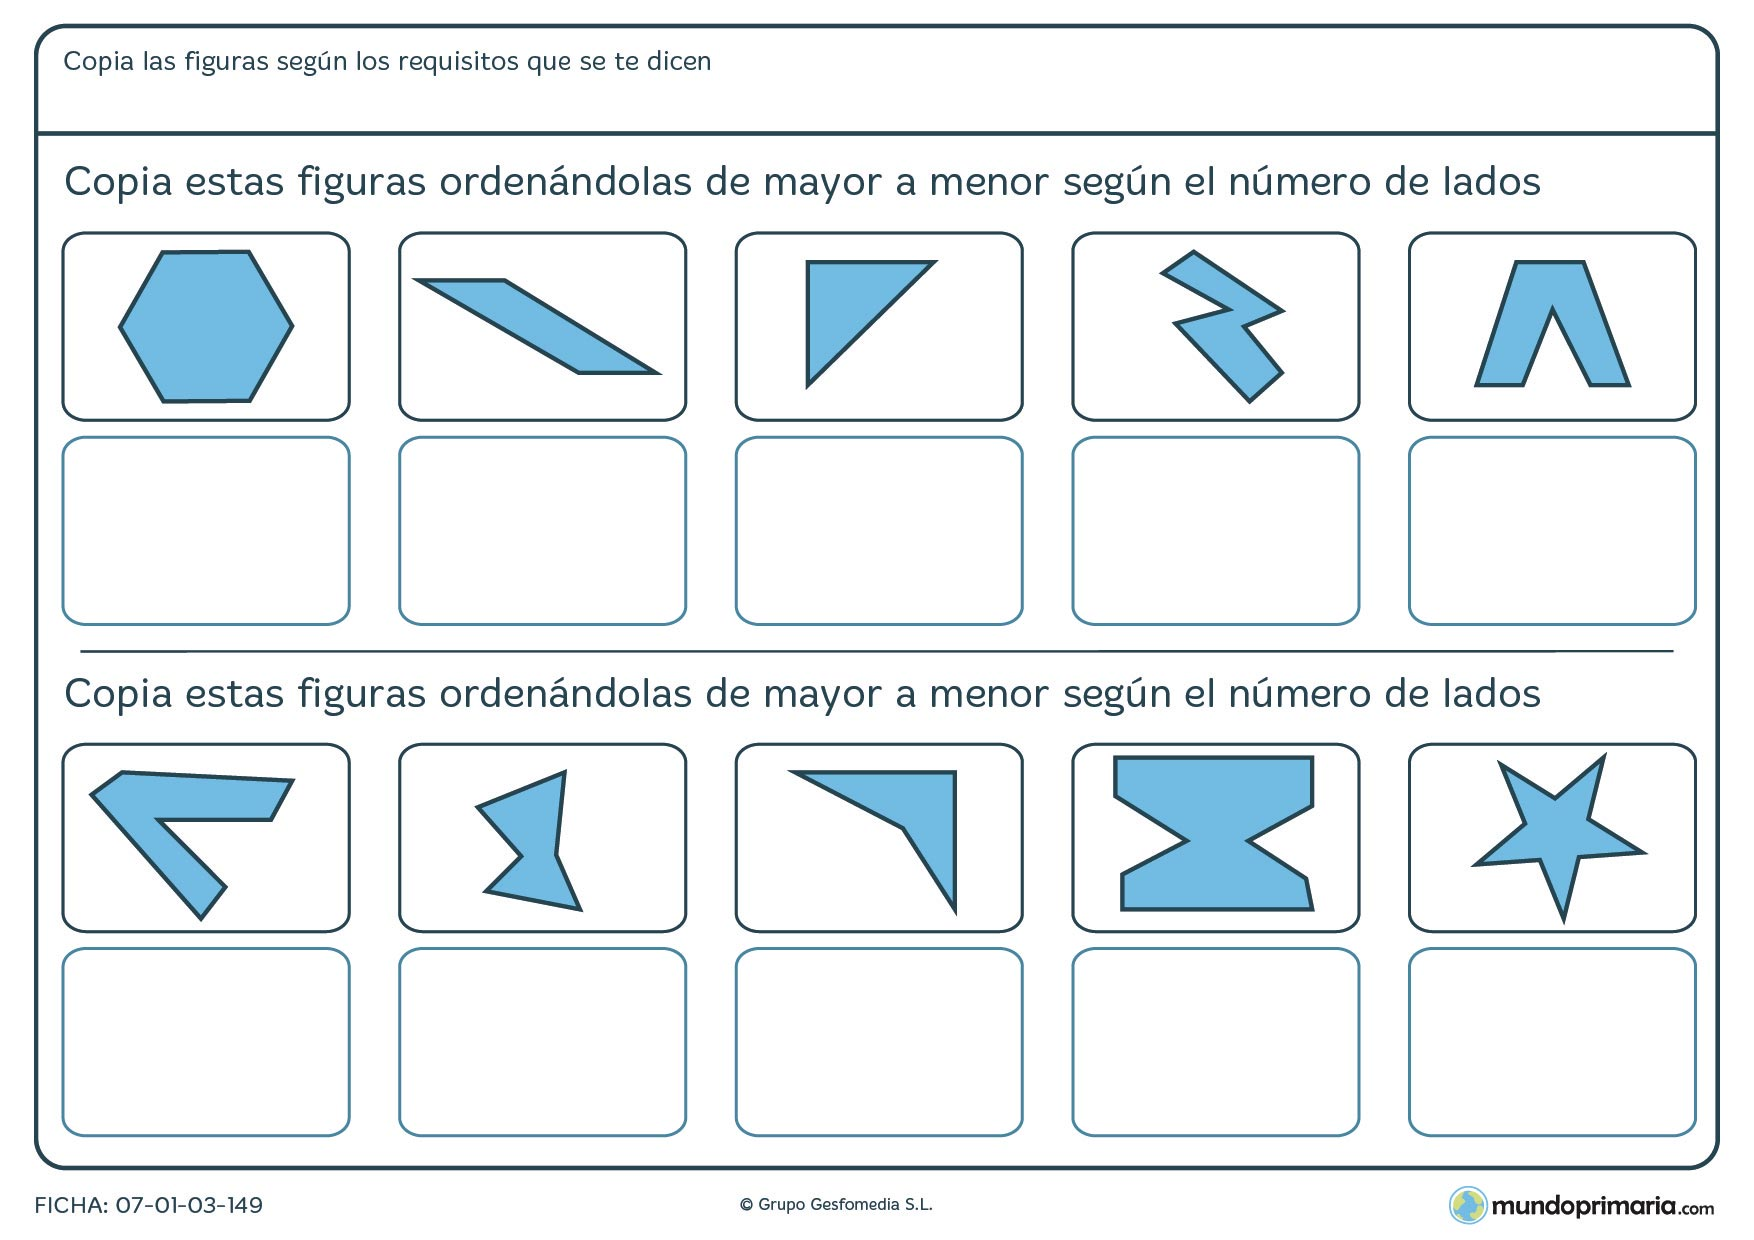 Ficha de mayor lados de figuras geométricas a menor número de lados, ordénalas así.